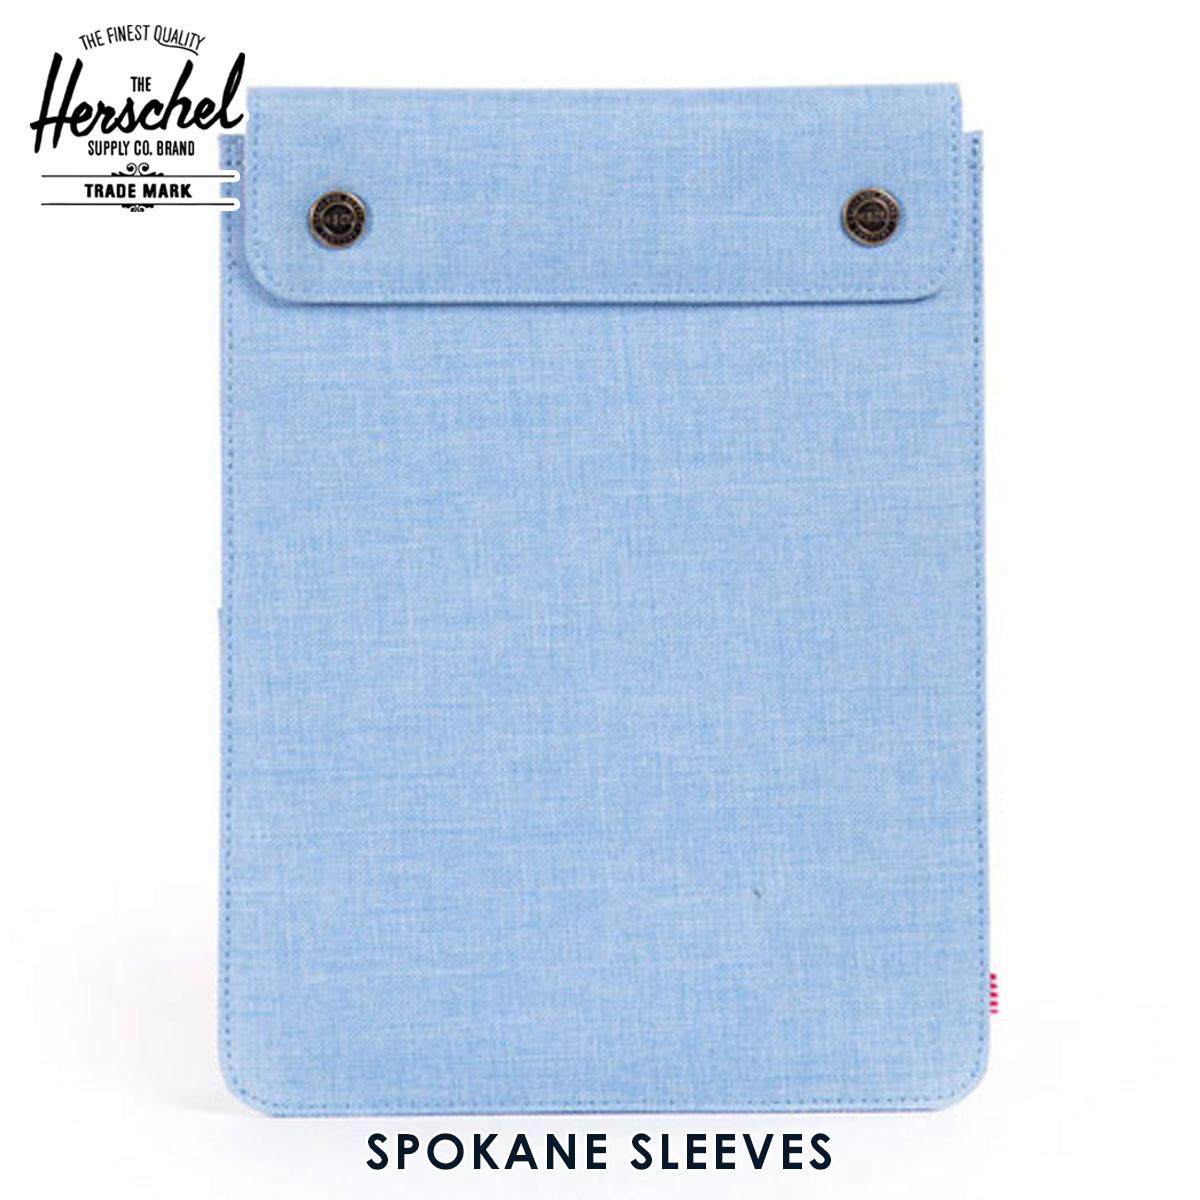 ハーシェル タブレットケース 正規販売店 Herschel Supply ハーシェルサプライ iPad Air ケース Spokane Sleeve for iPad Air Sleeves 10192-00574-OS Chambray Crosshatch A52B B3C C3D D0E E07F